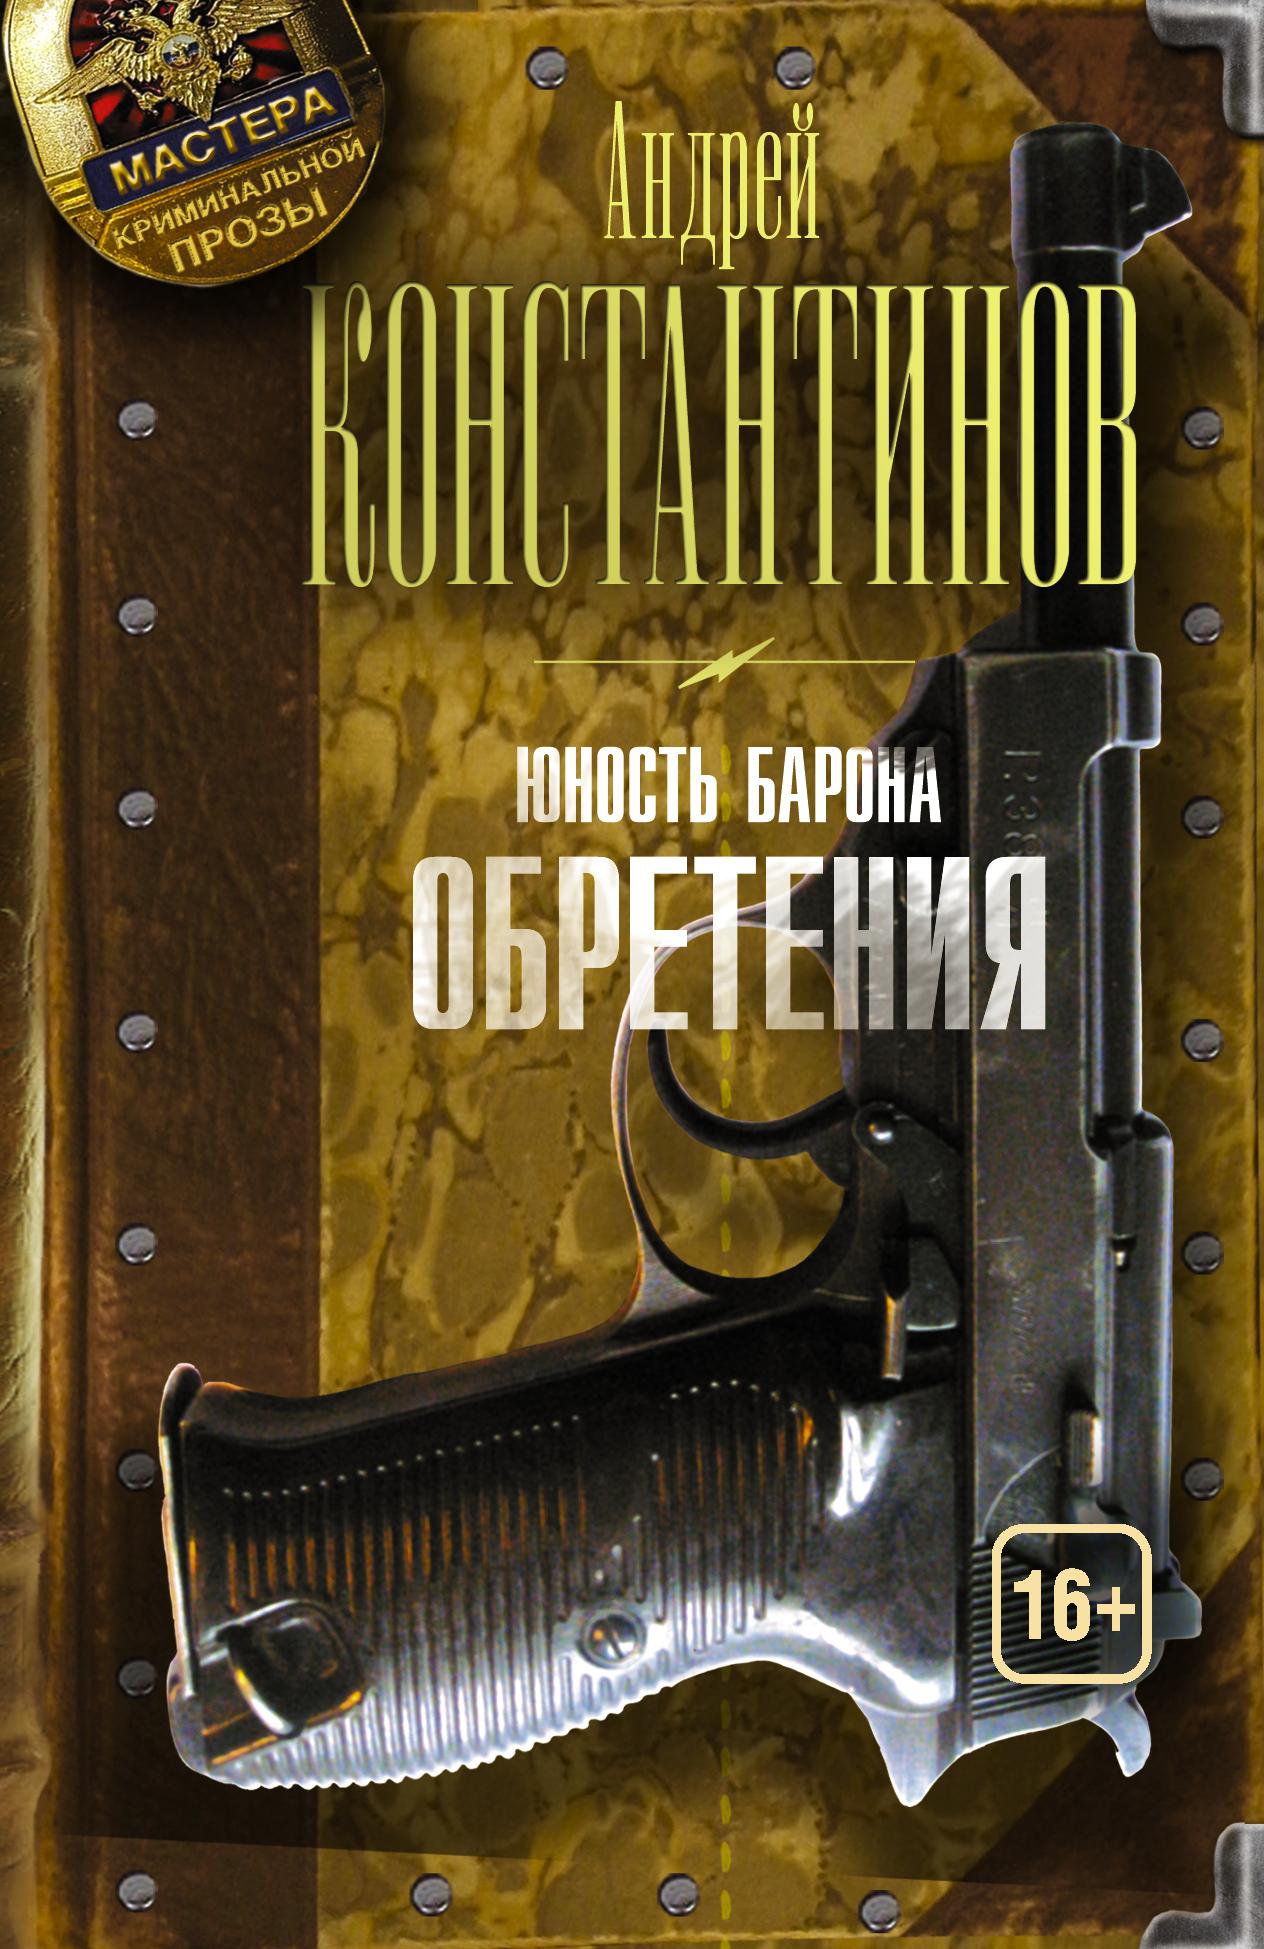 Константинов Андрей Юность барона. Книга вторая: Обретения  недорого